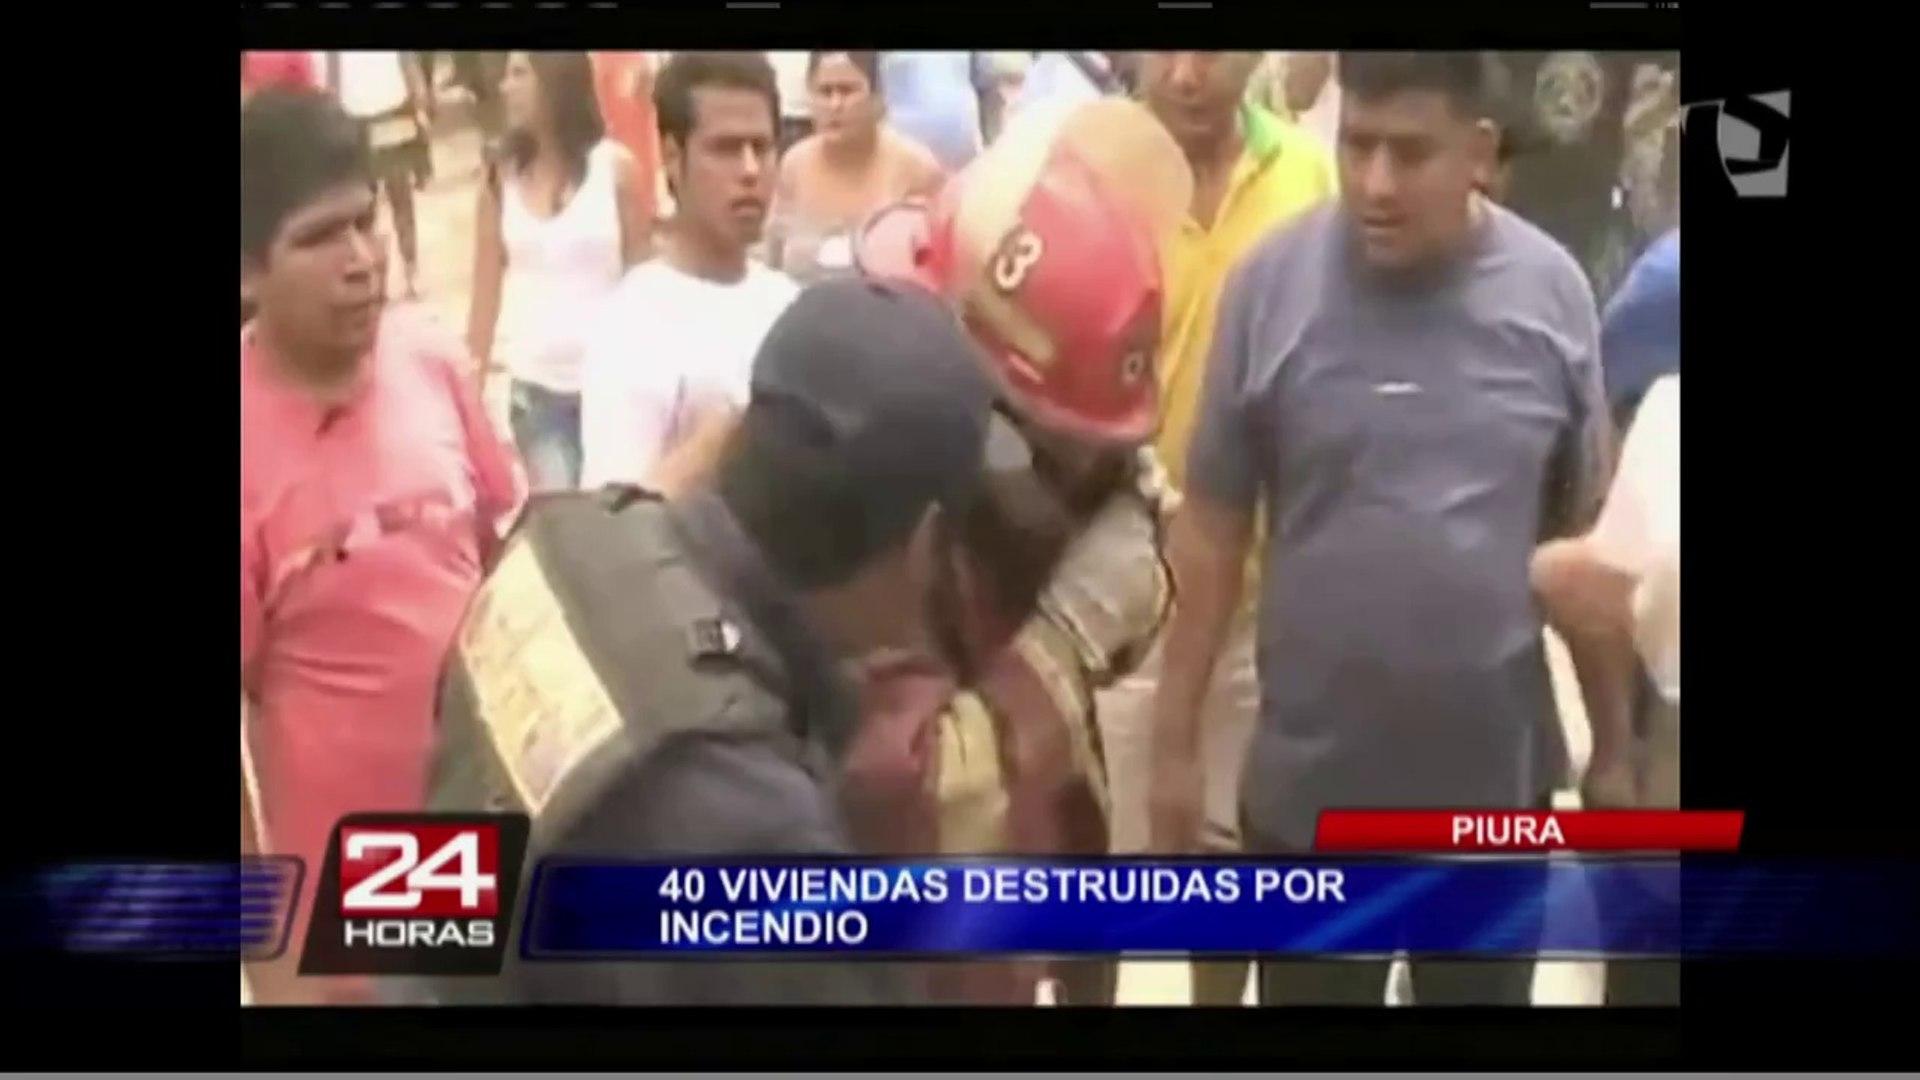 Un voraz incendio redujo a cenizas más de 40 casas en Piura